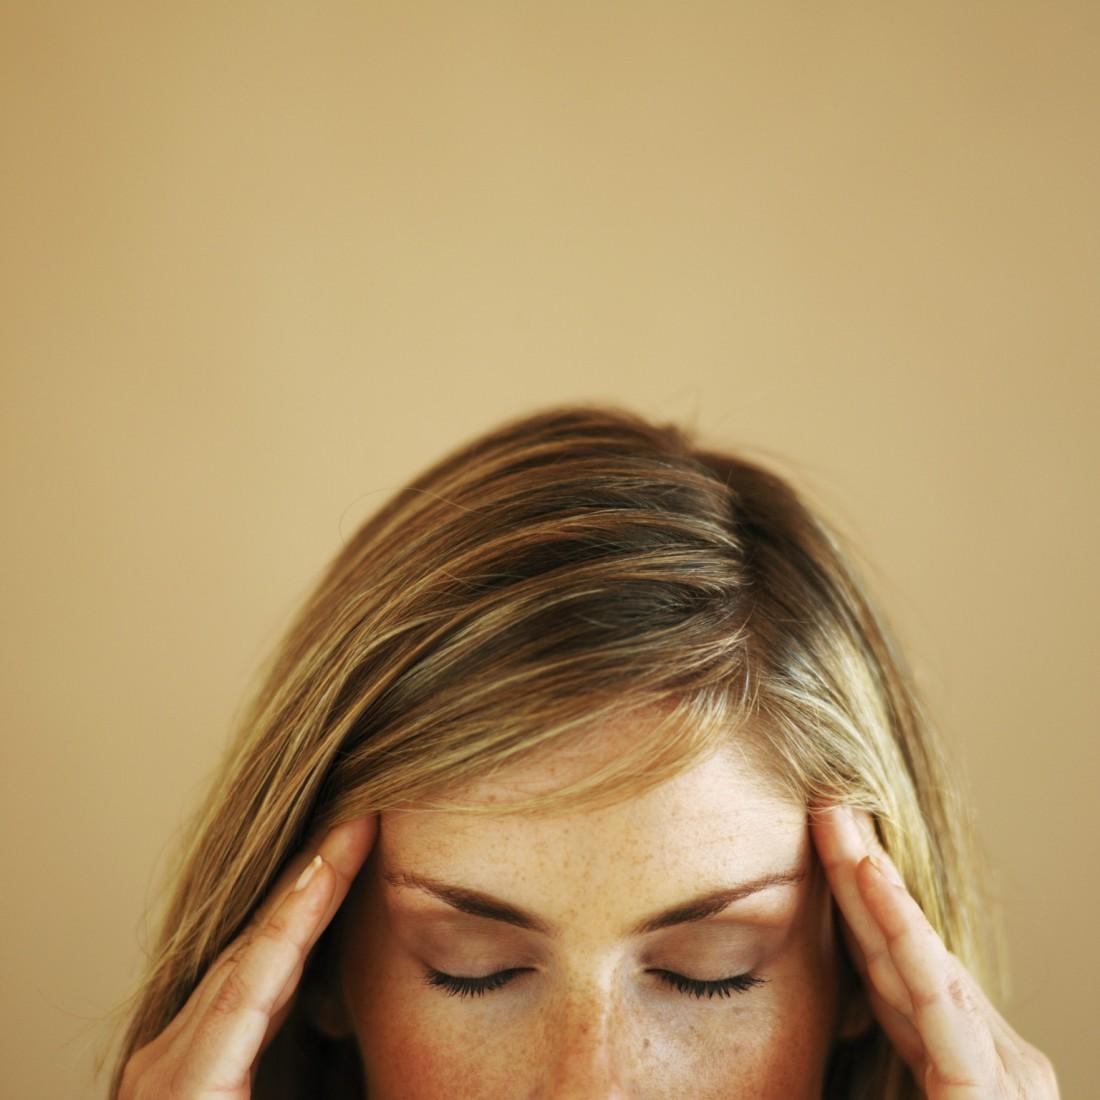 Борись с головной болью правильно